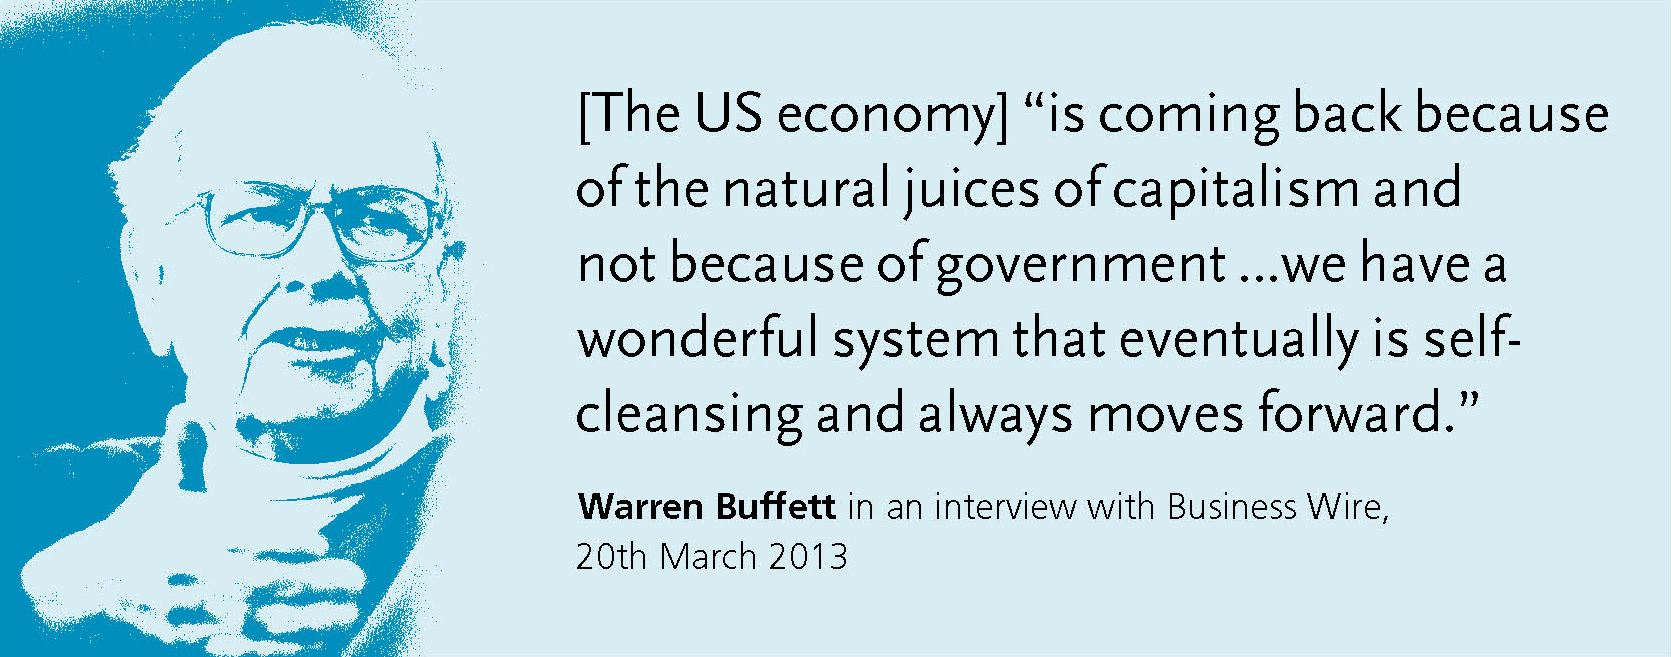 economic comeback